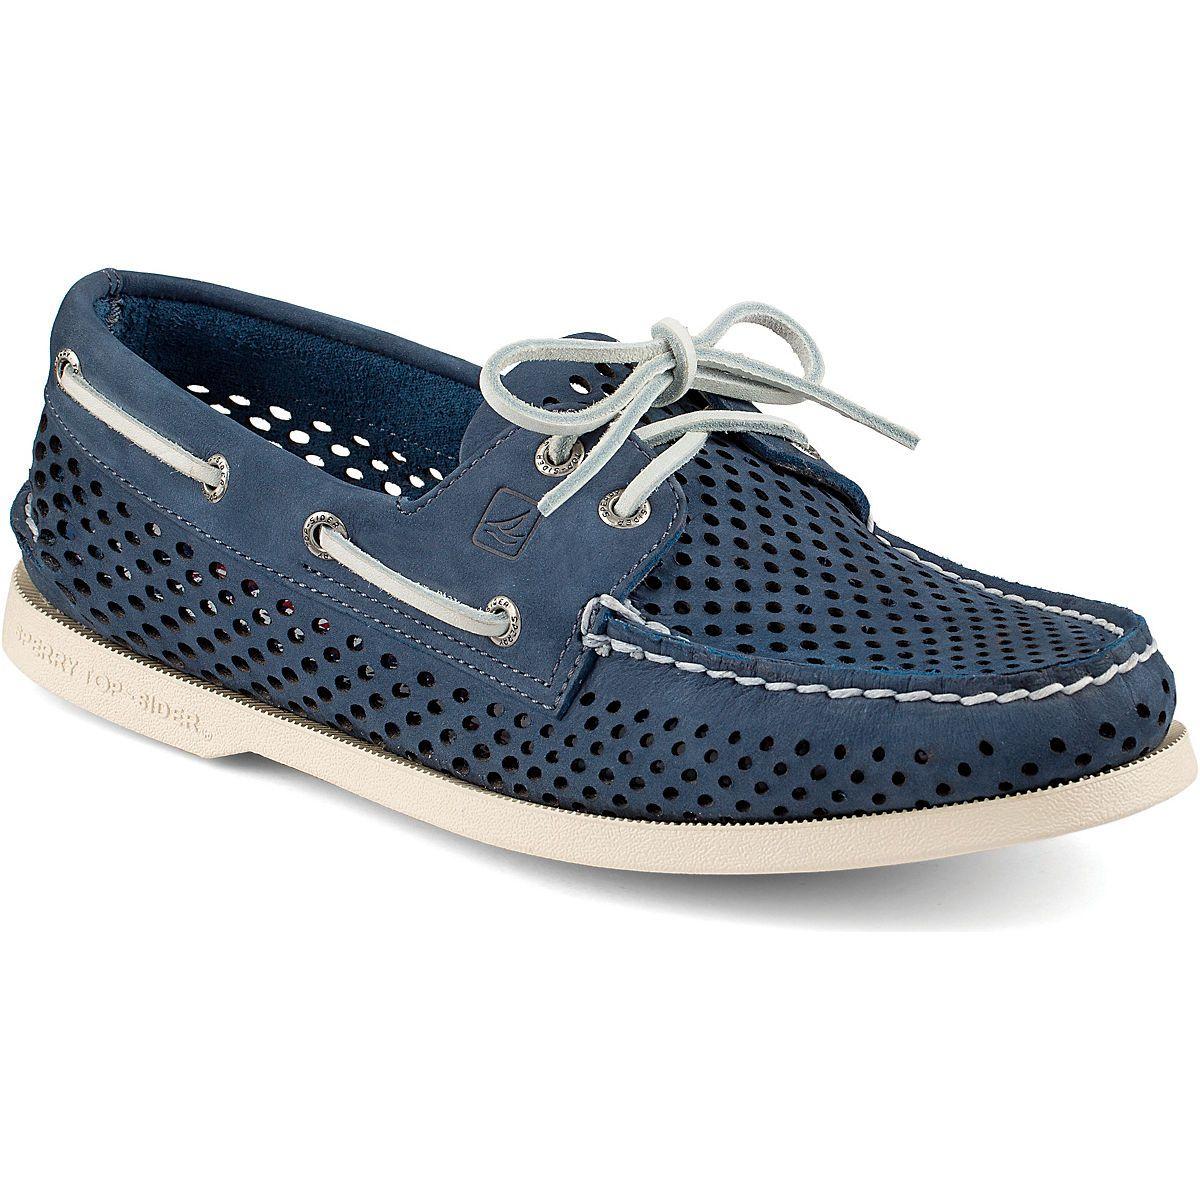 Boat shoes mens, Dress shoes men